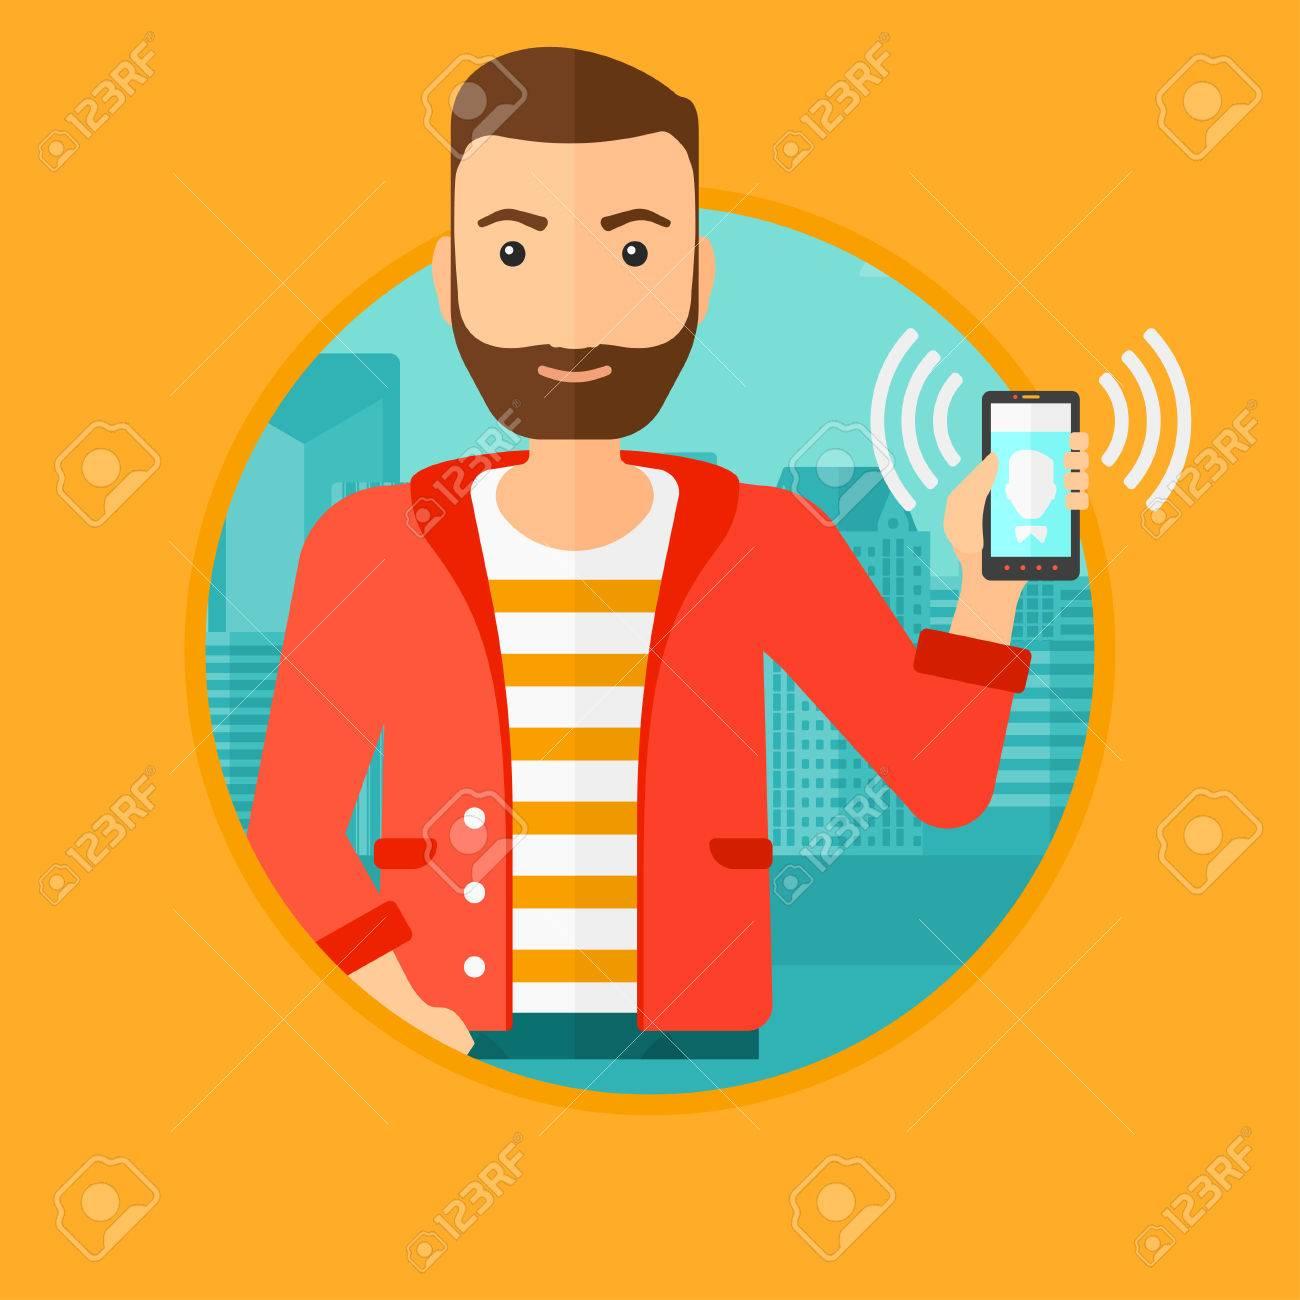 Vettoriale Un Uomo Di Hipster Azienda Telefono Cellulare Suonare